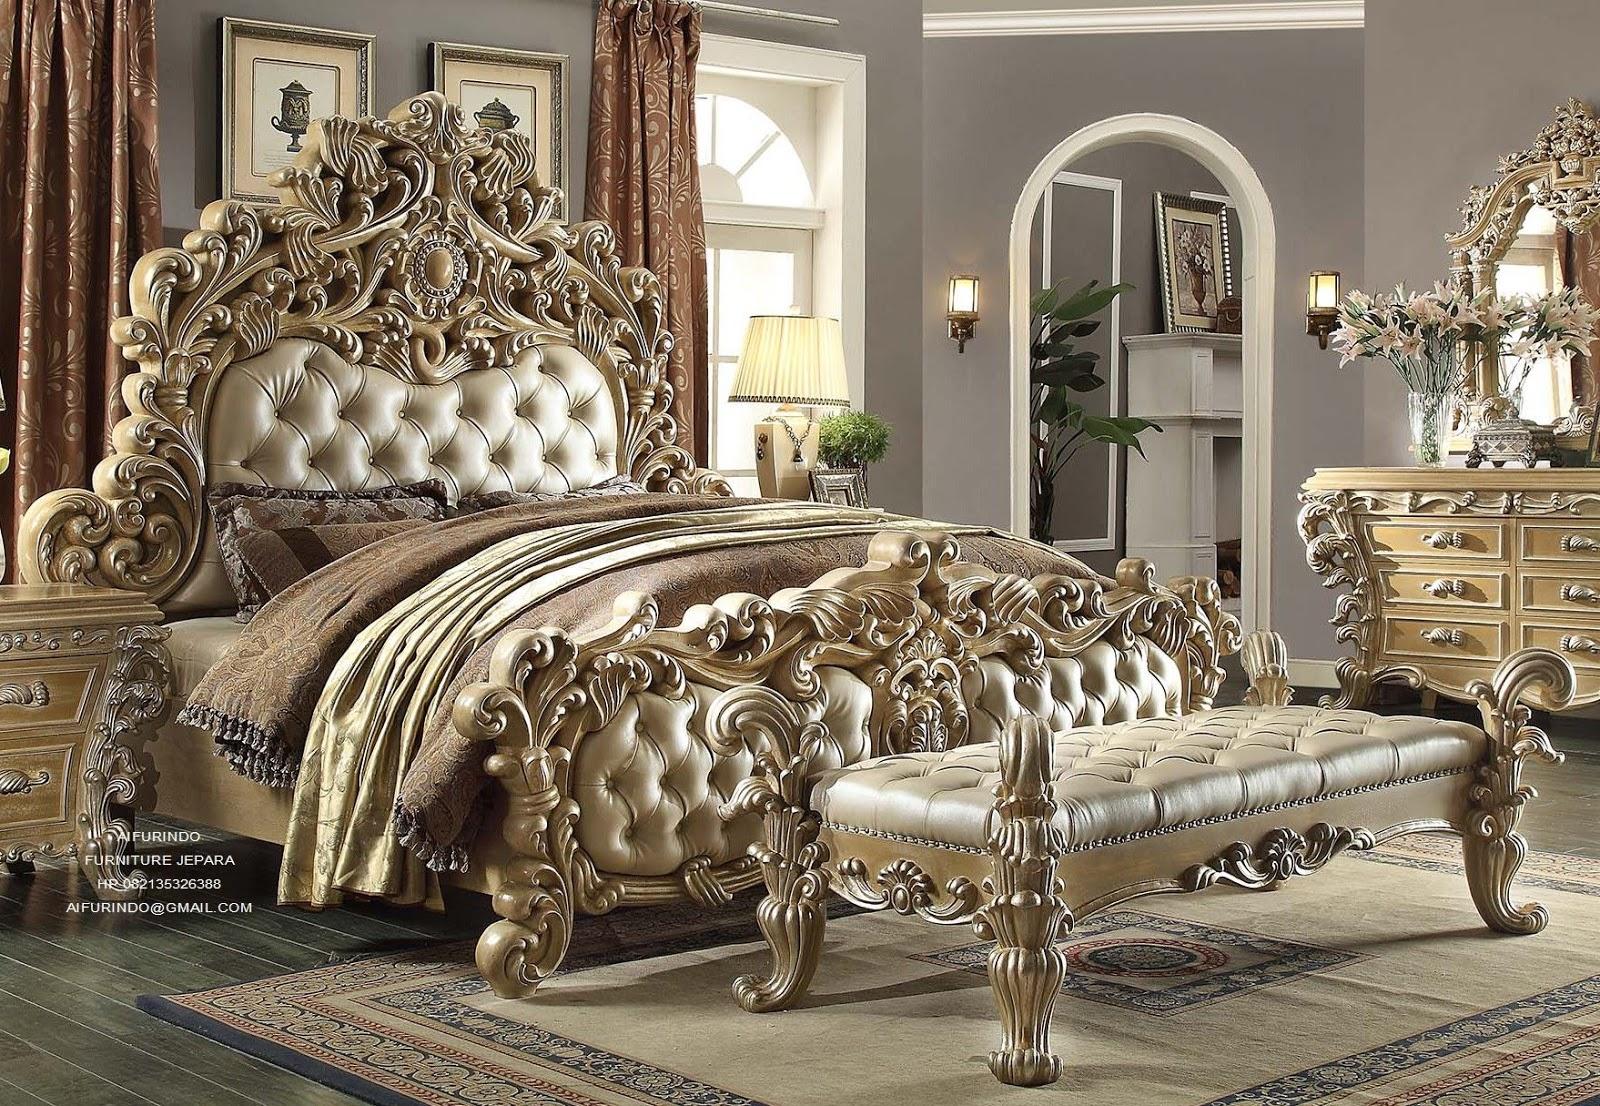 Furniture Klasik Mewah Tempat Tidur Jati Ukir Jepara